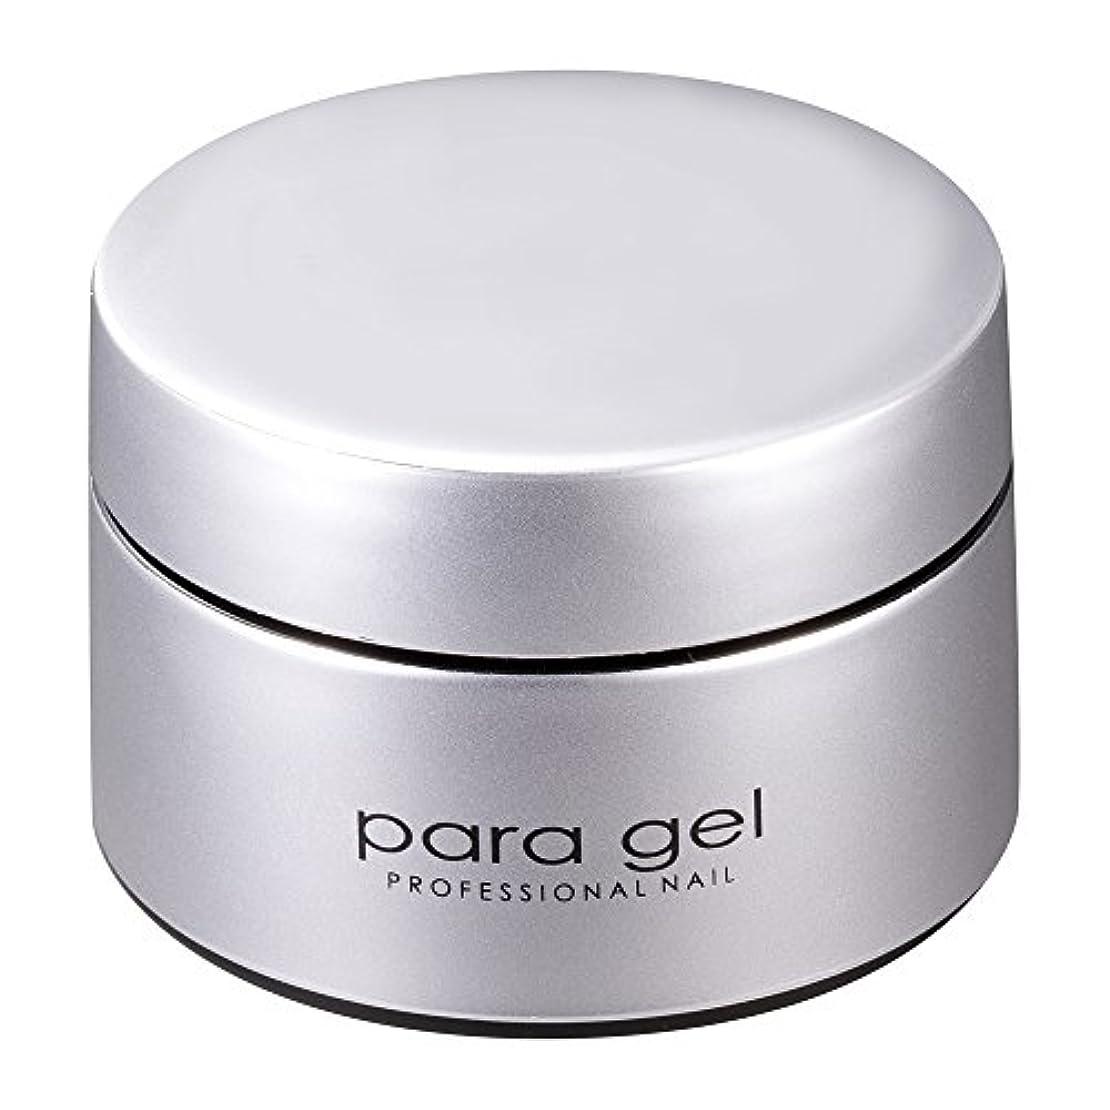 アクセサリー玉ねぎ用量para gel ファンデーションカラージェル F03 ライトミディアムピンクオークル 4g